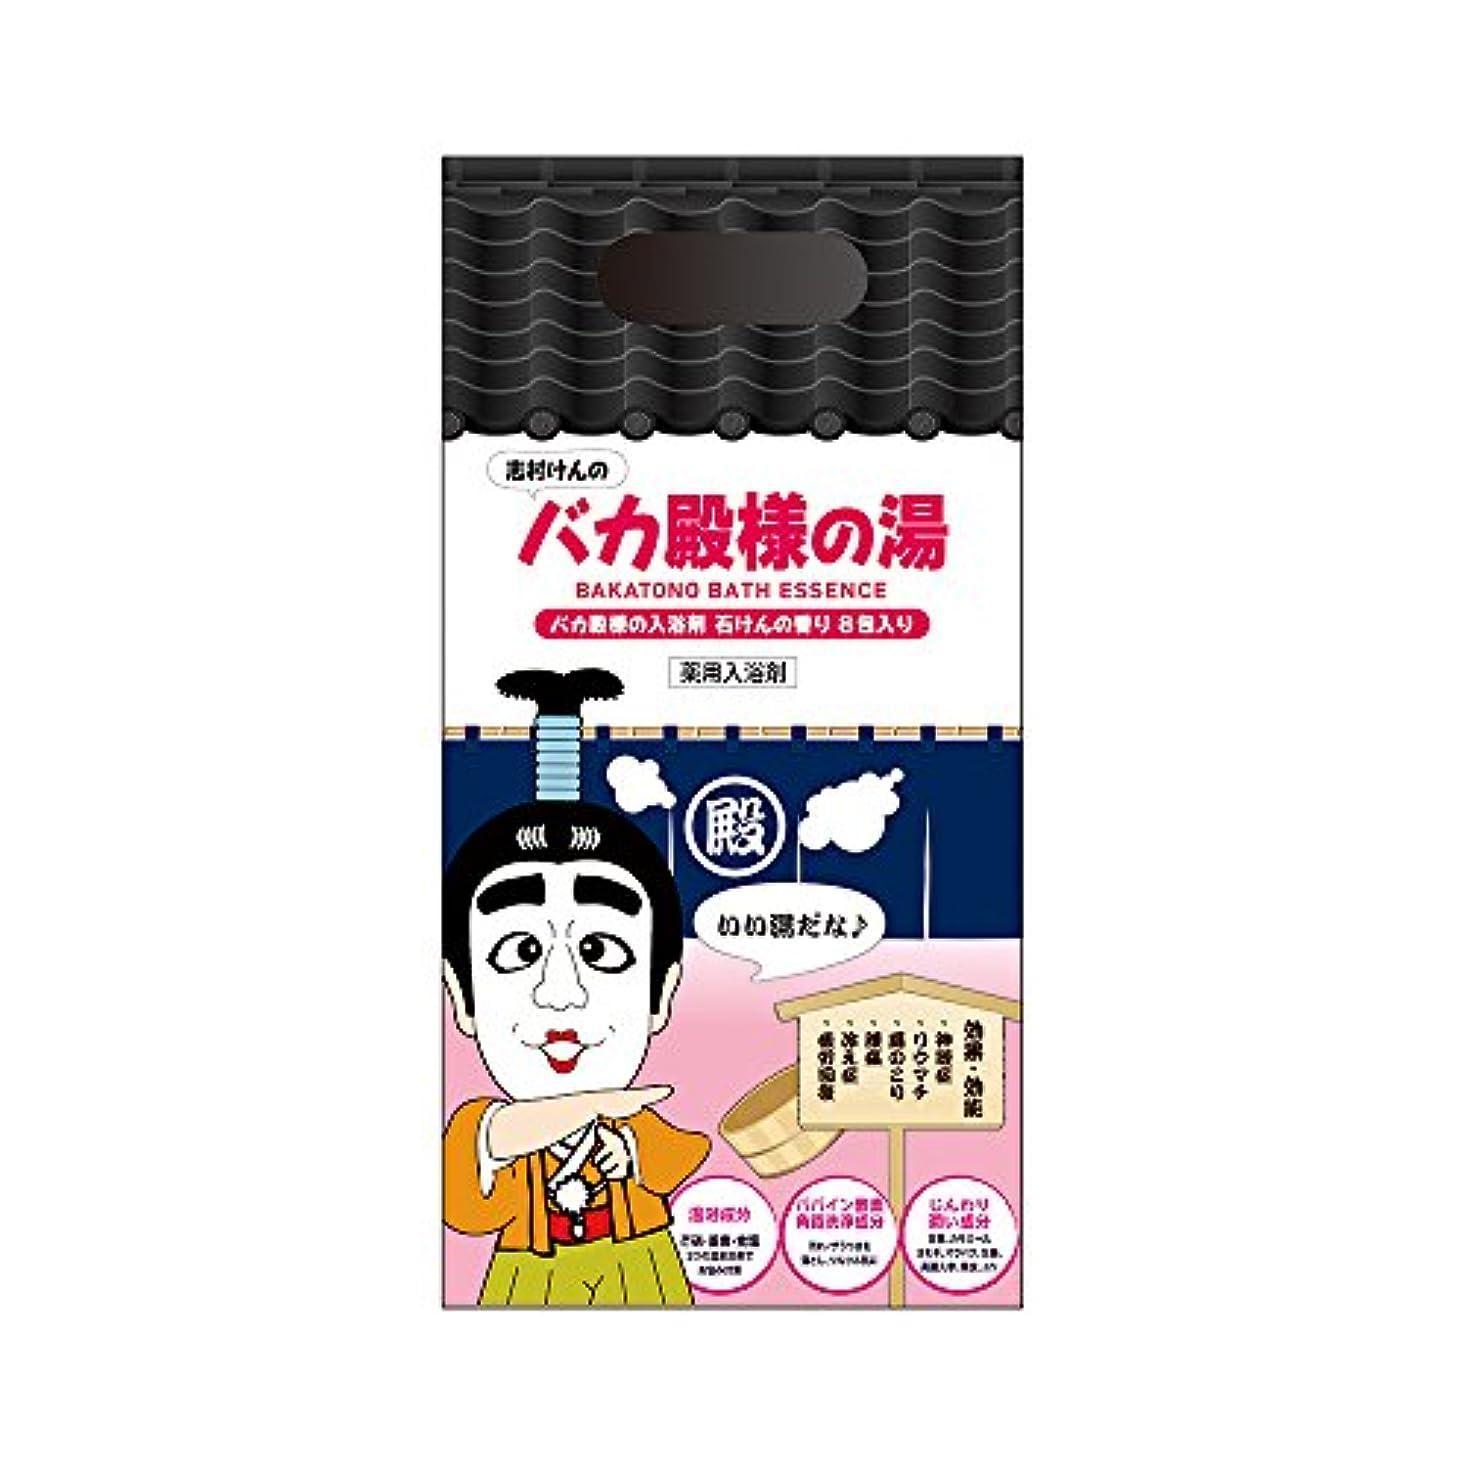 経済餌透明に志村けんのバカ殿様の湯 バカ殿様の入浴剤 石けんの香り (25g × 8包入り)